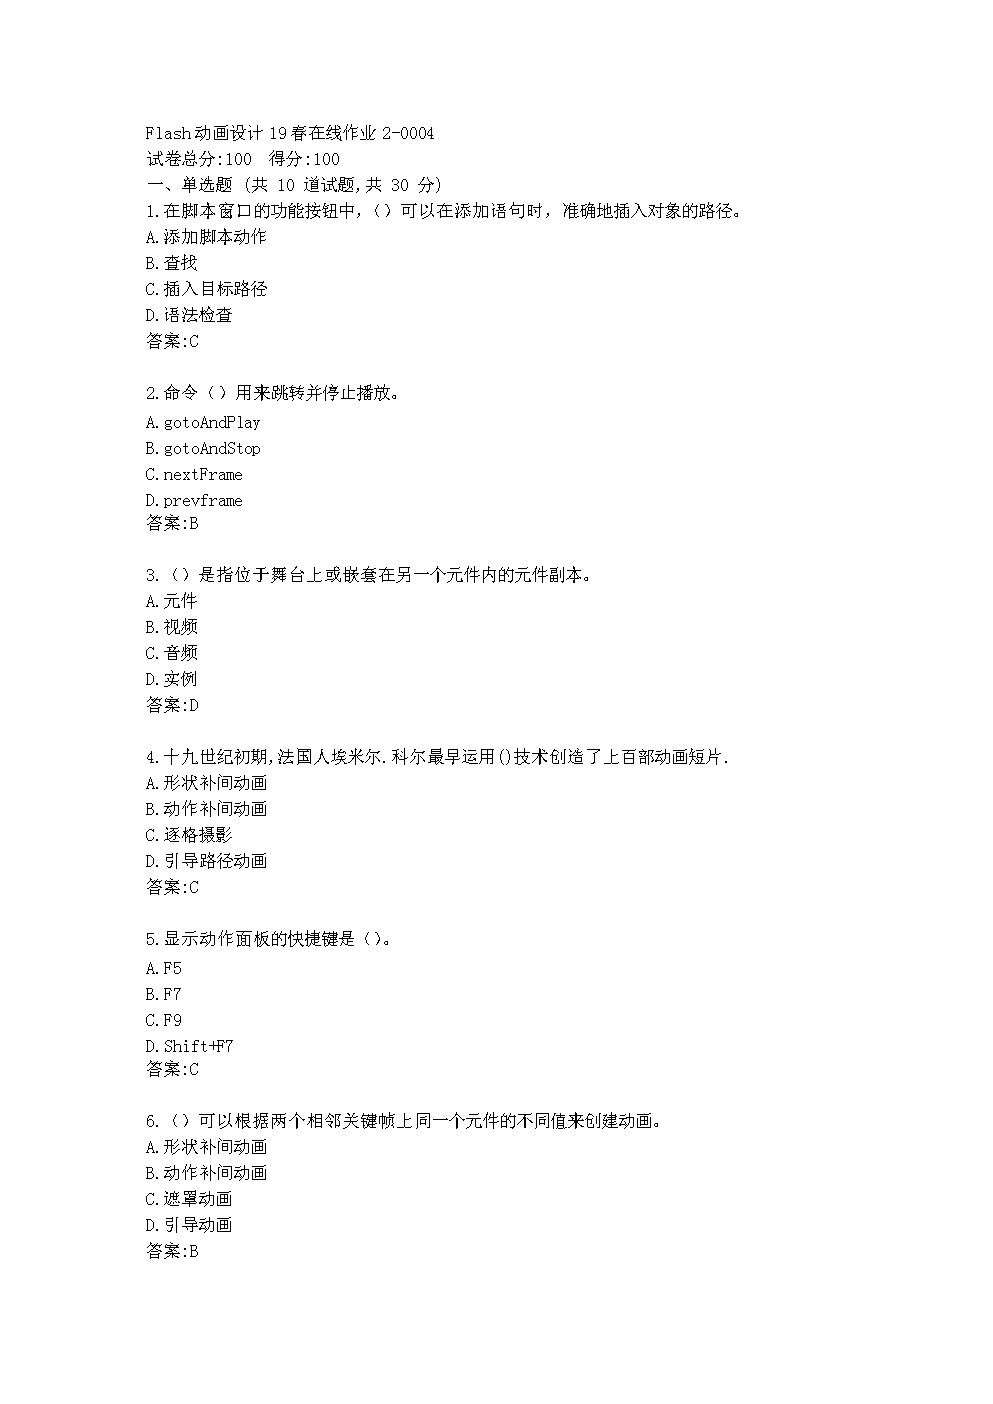 东师Flash动画设计20秋在线作业2【标准答案】.docx